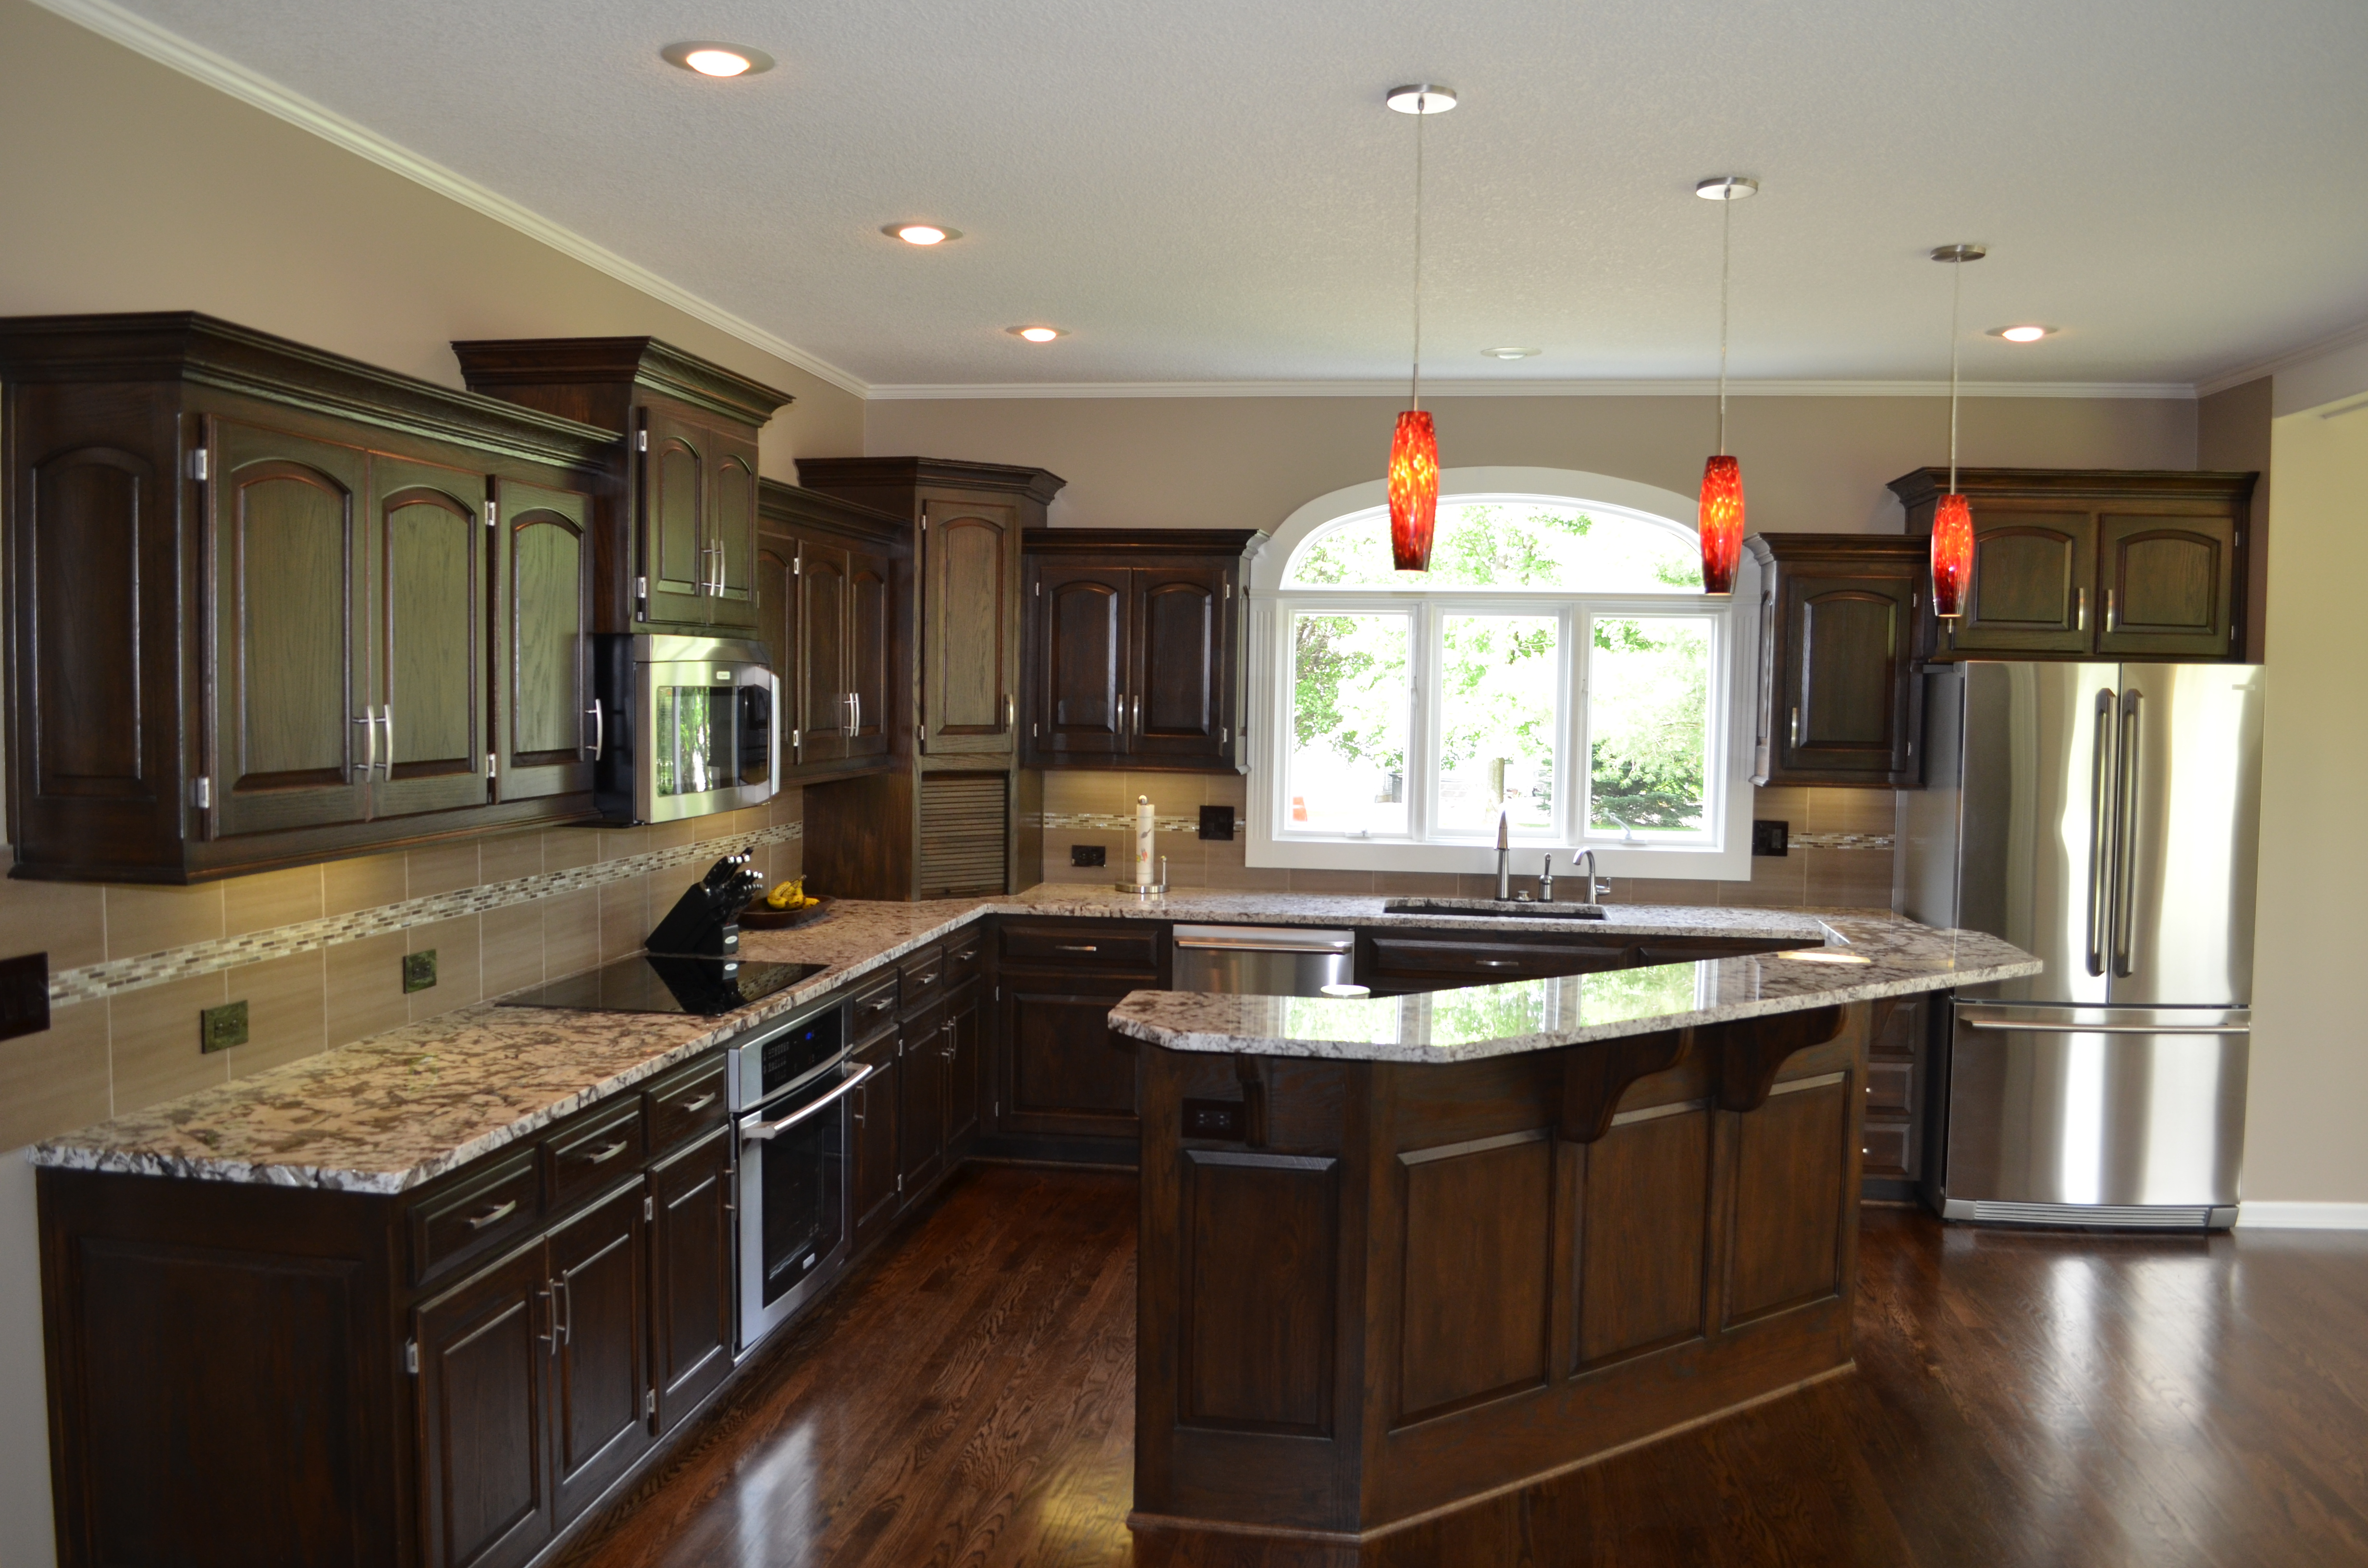 Remodeling kitchens milliken home